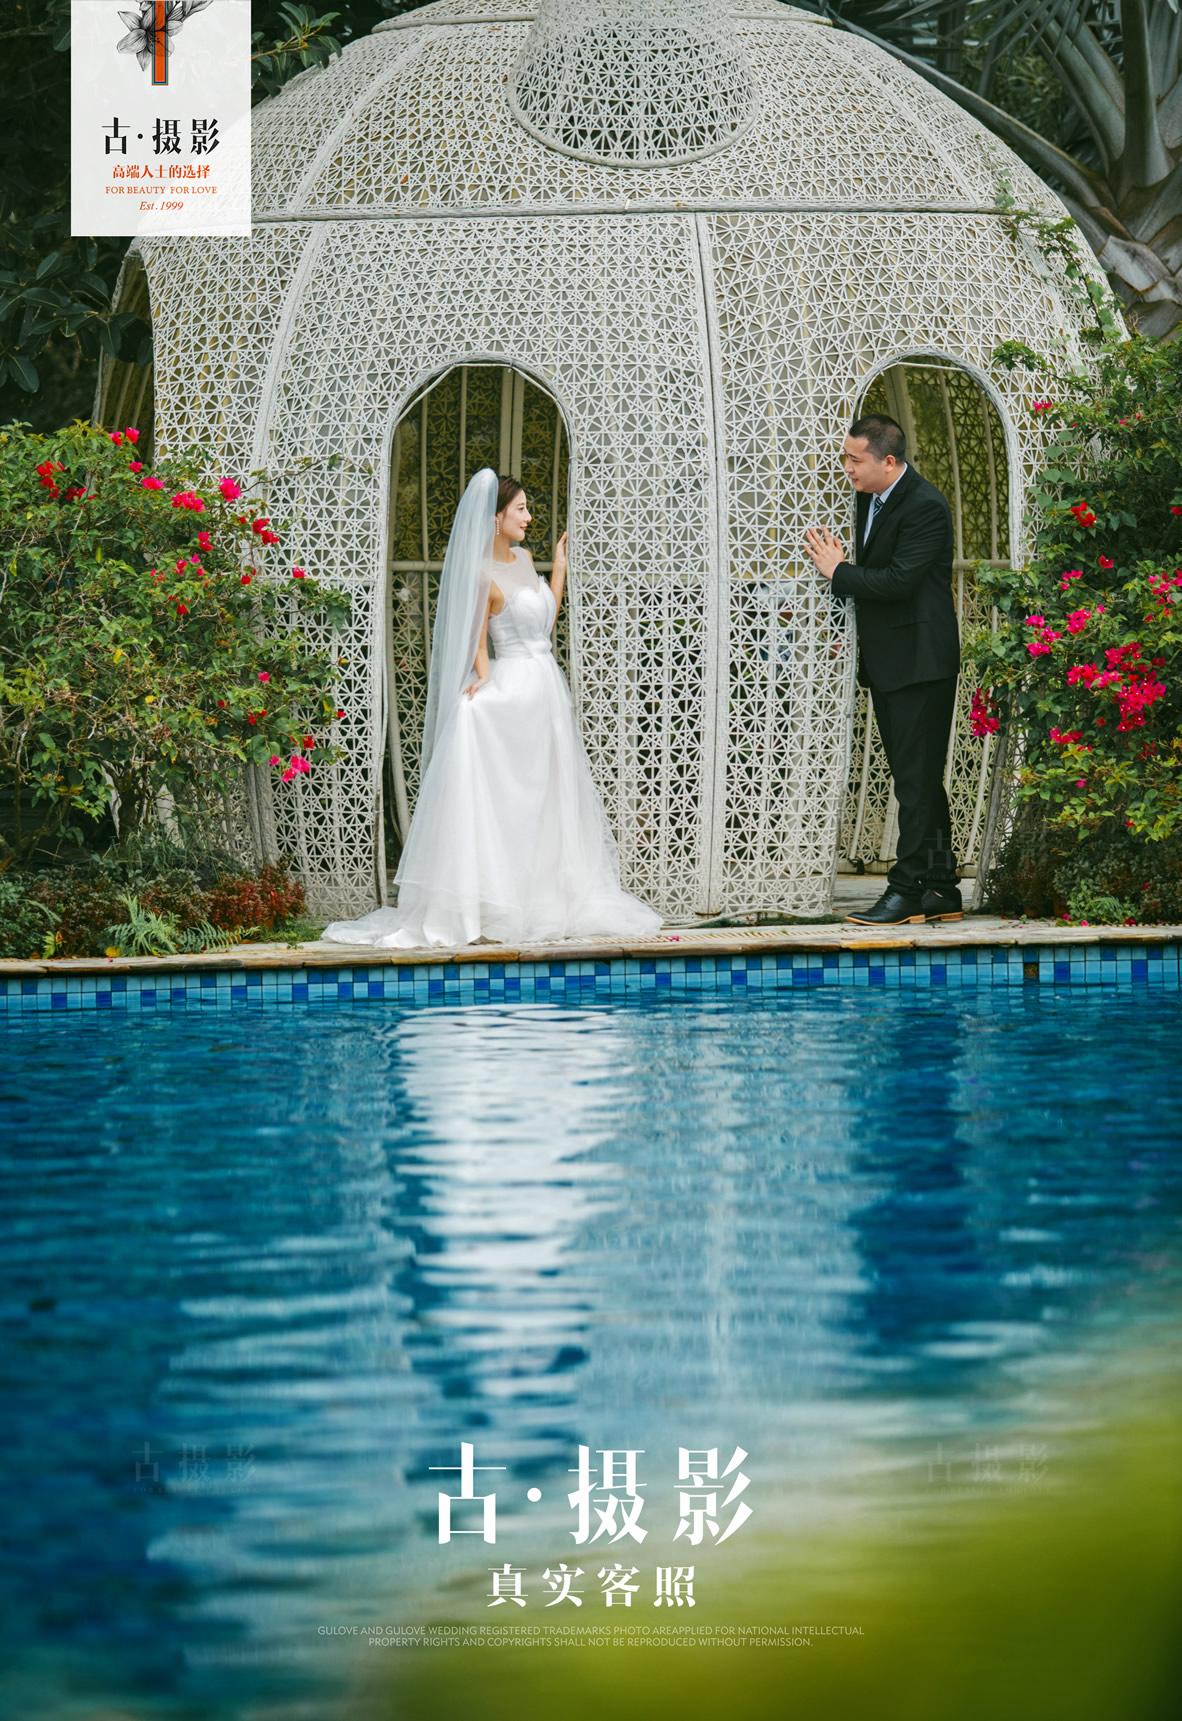 9月10日客片王先生 秦小姐 - 每日客照 - 古摄影婚纱艺术-古摄影成都婚纱摄影艺术摄影网